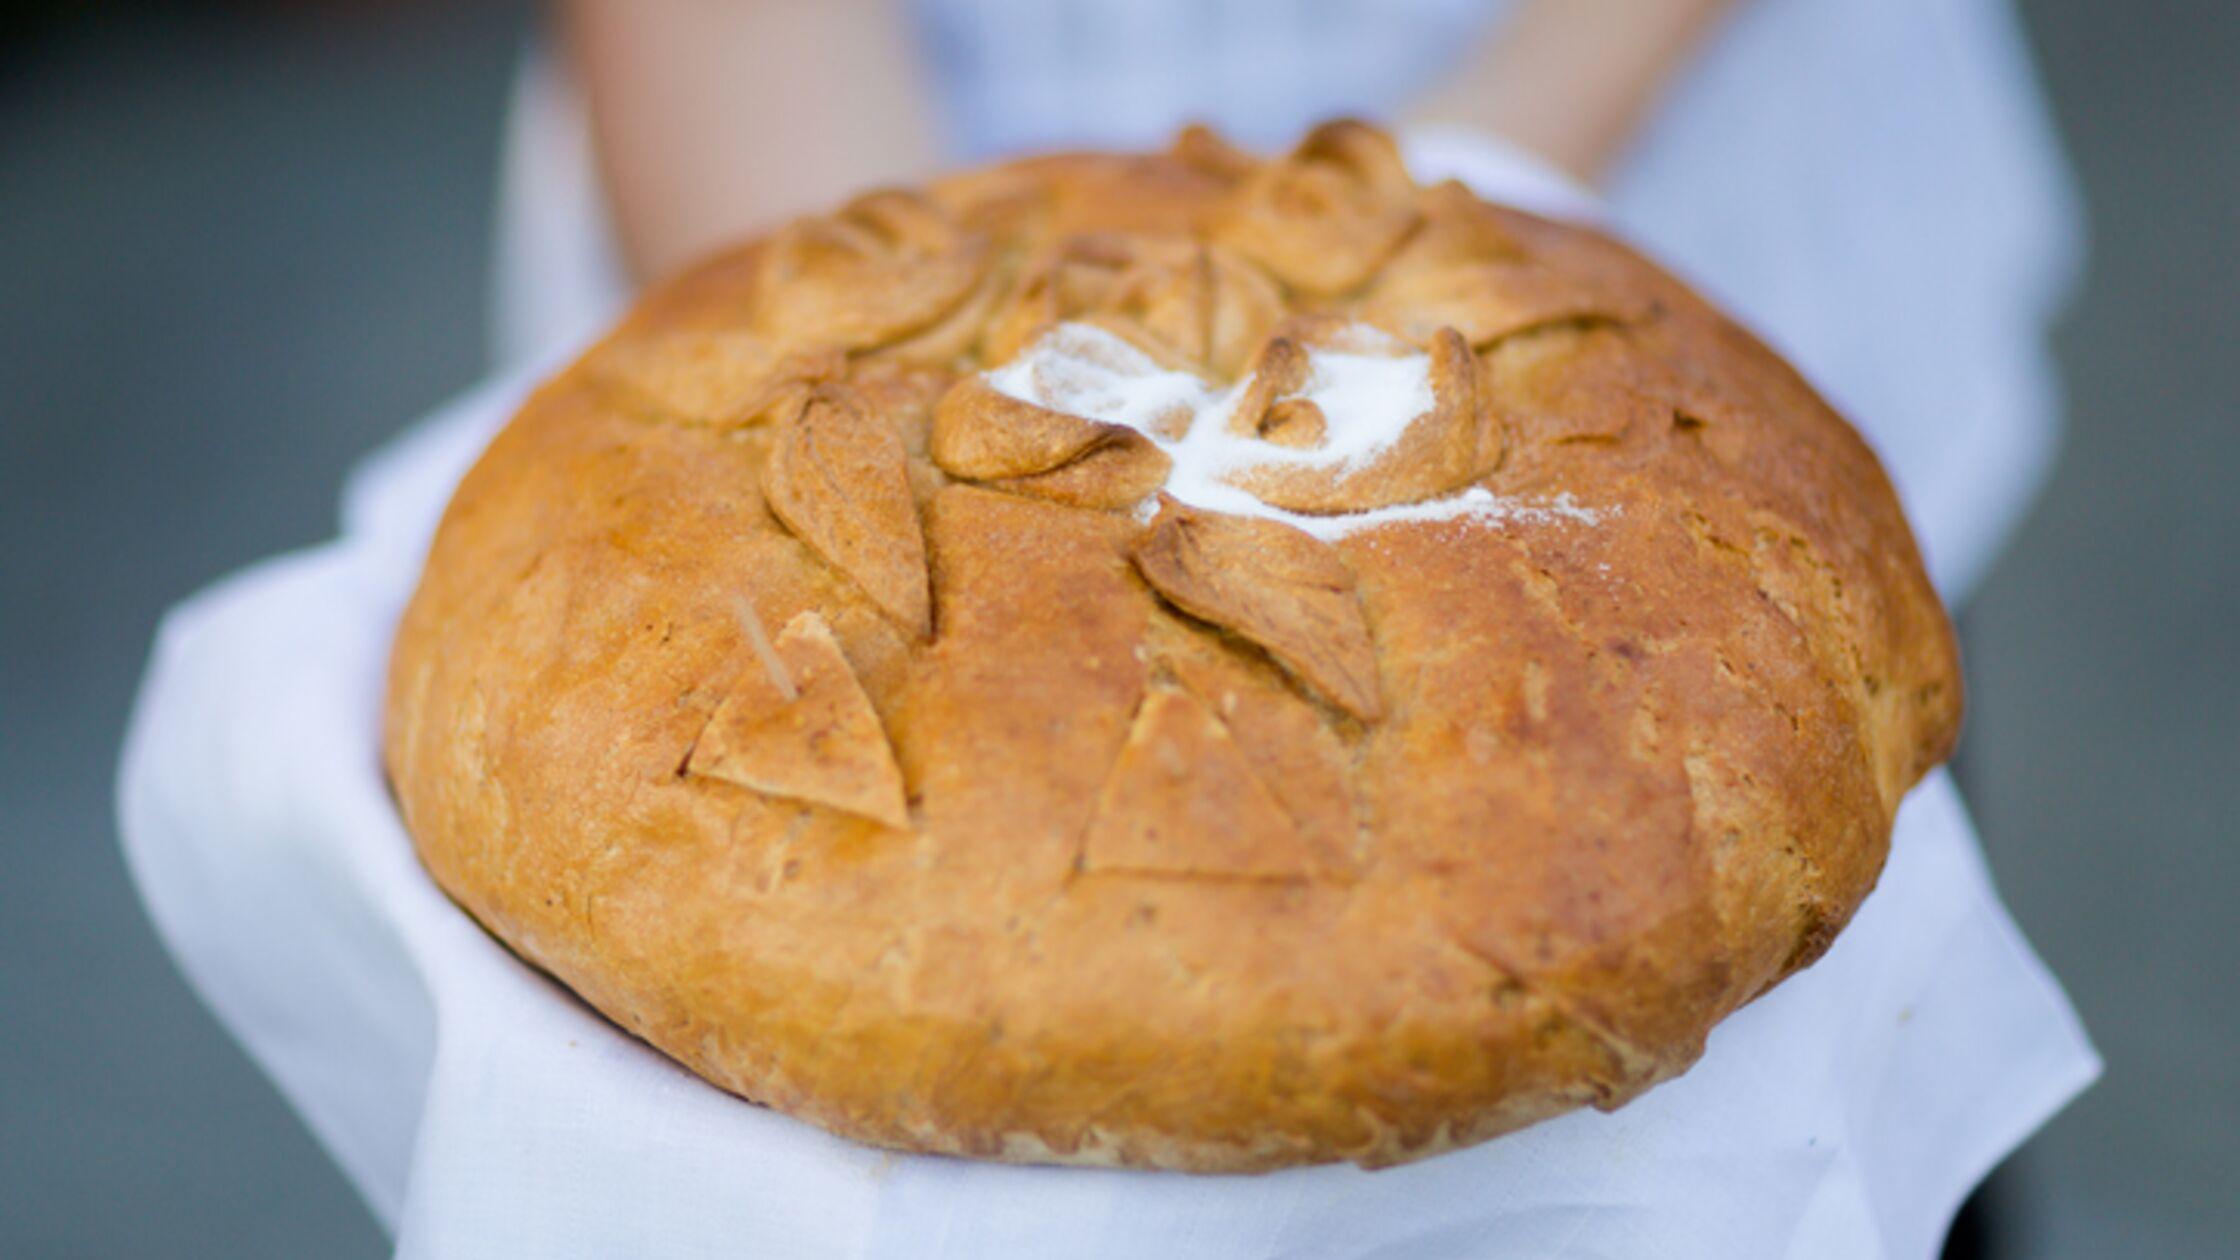 Brot und Salz als Geschenk überreicht